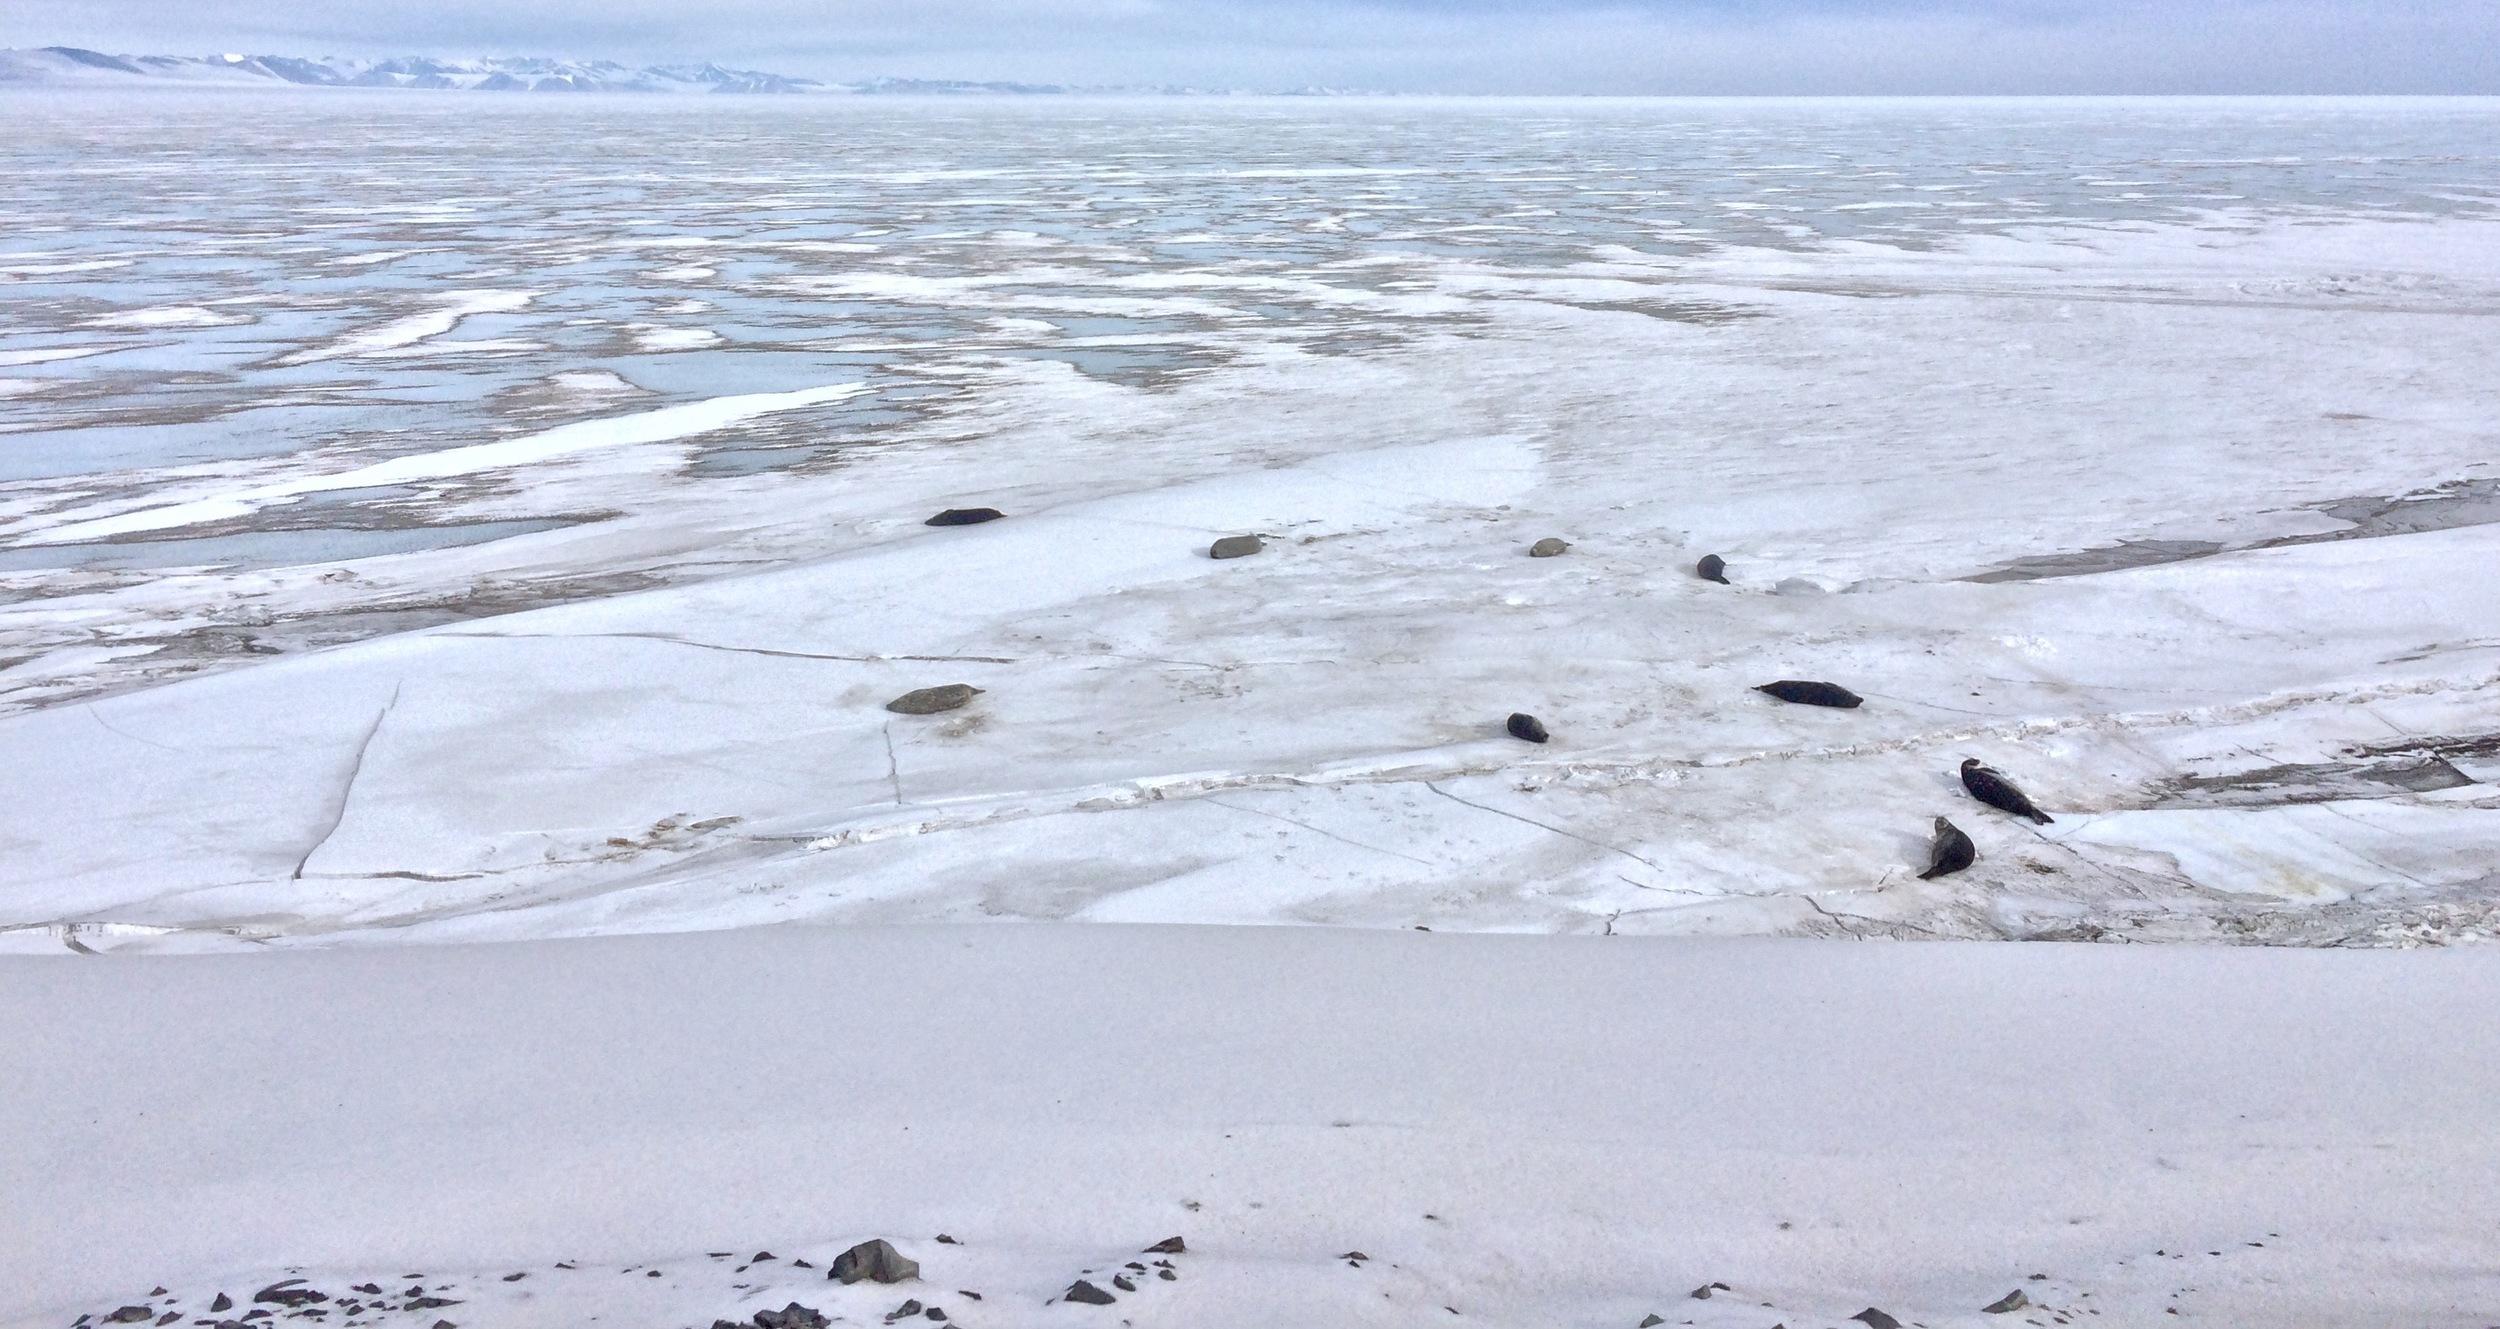 More seals.